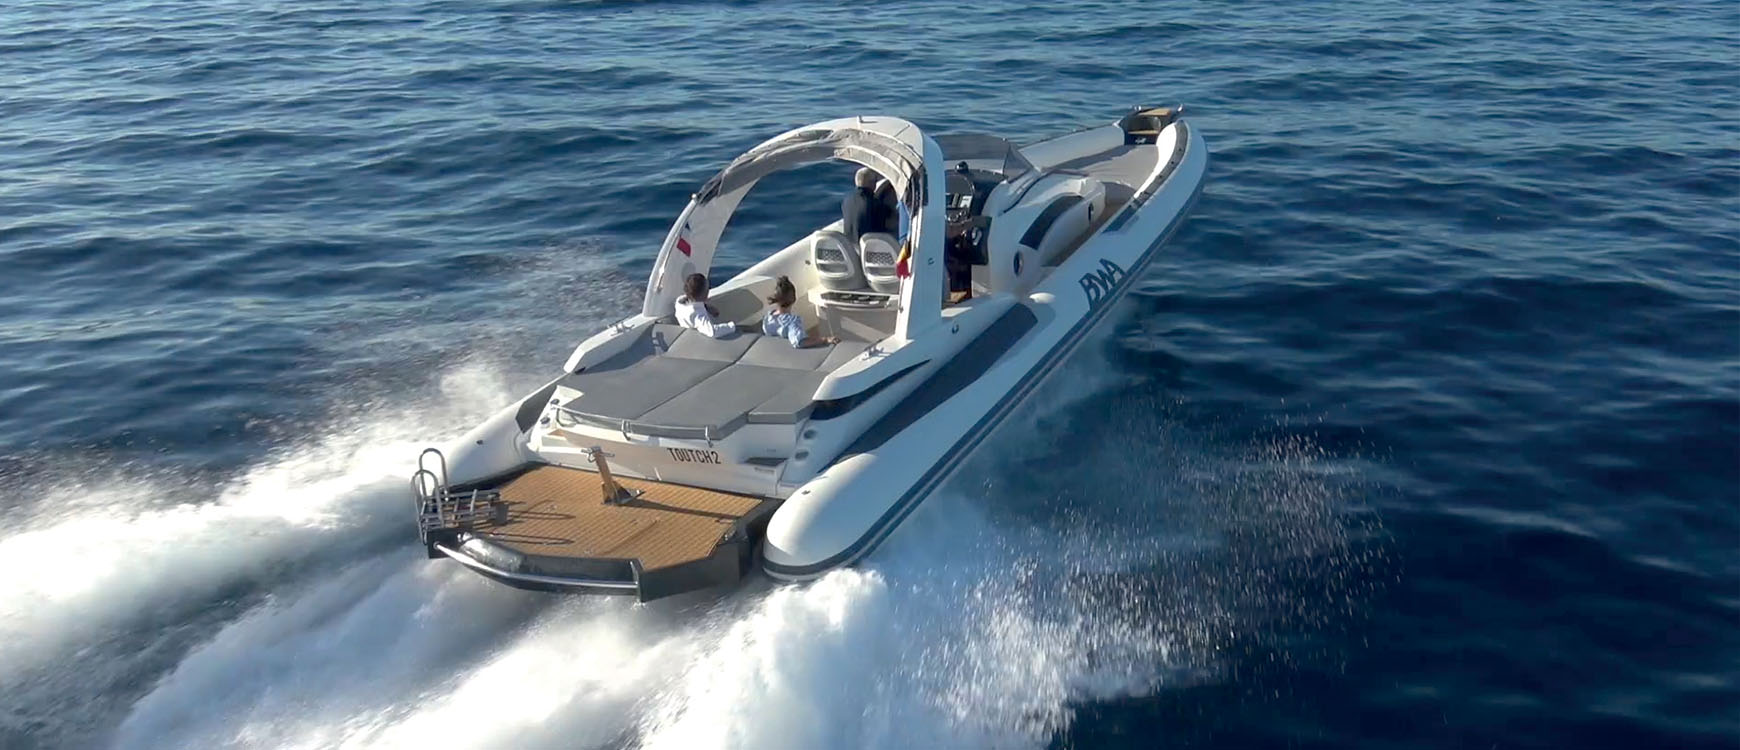 BWA 40 WL Marseille Yatch Mediterranee